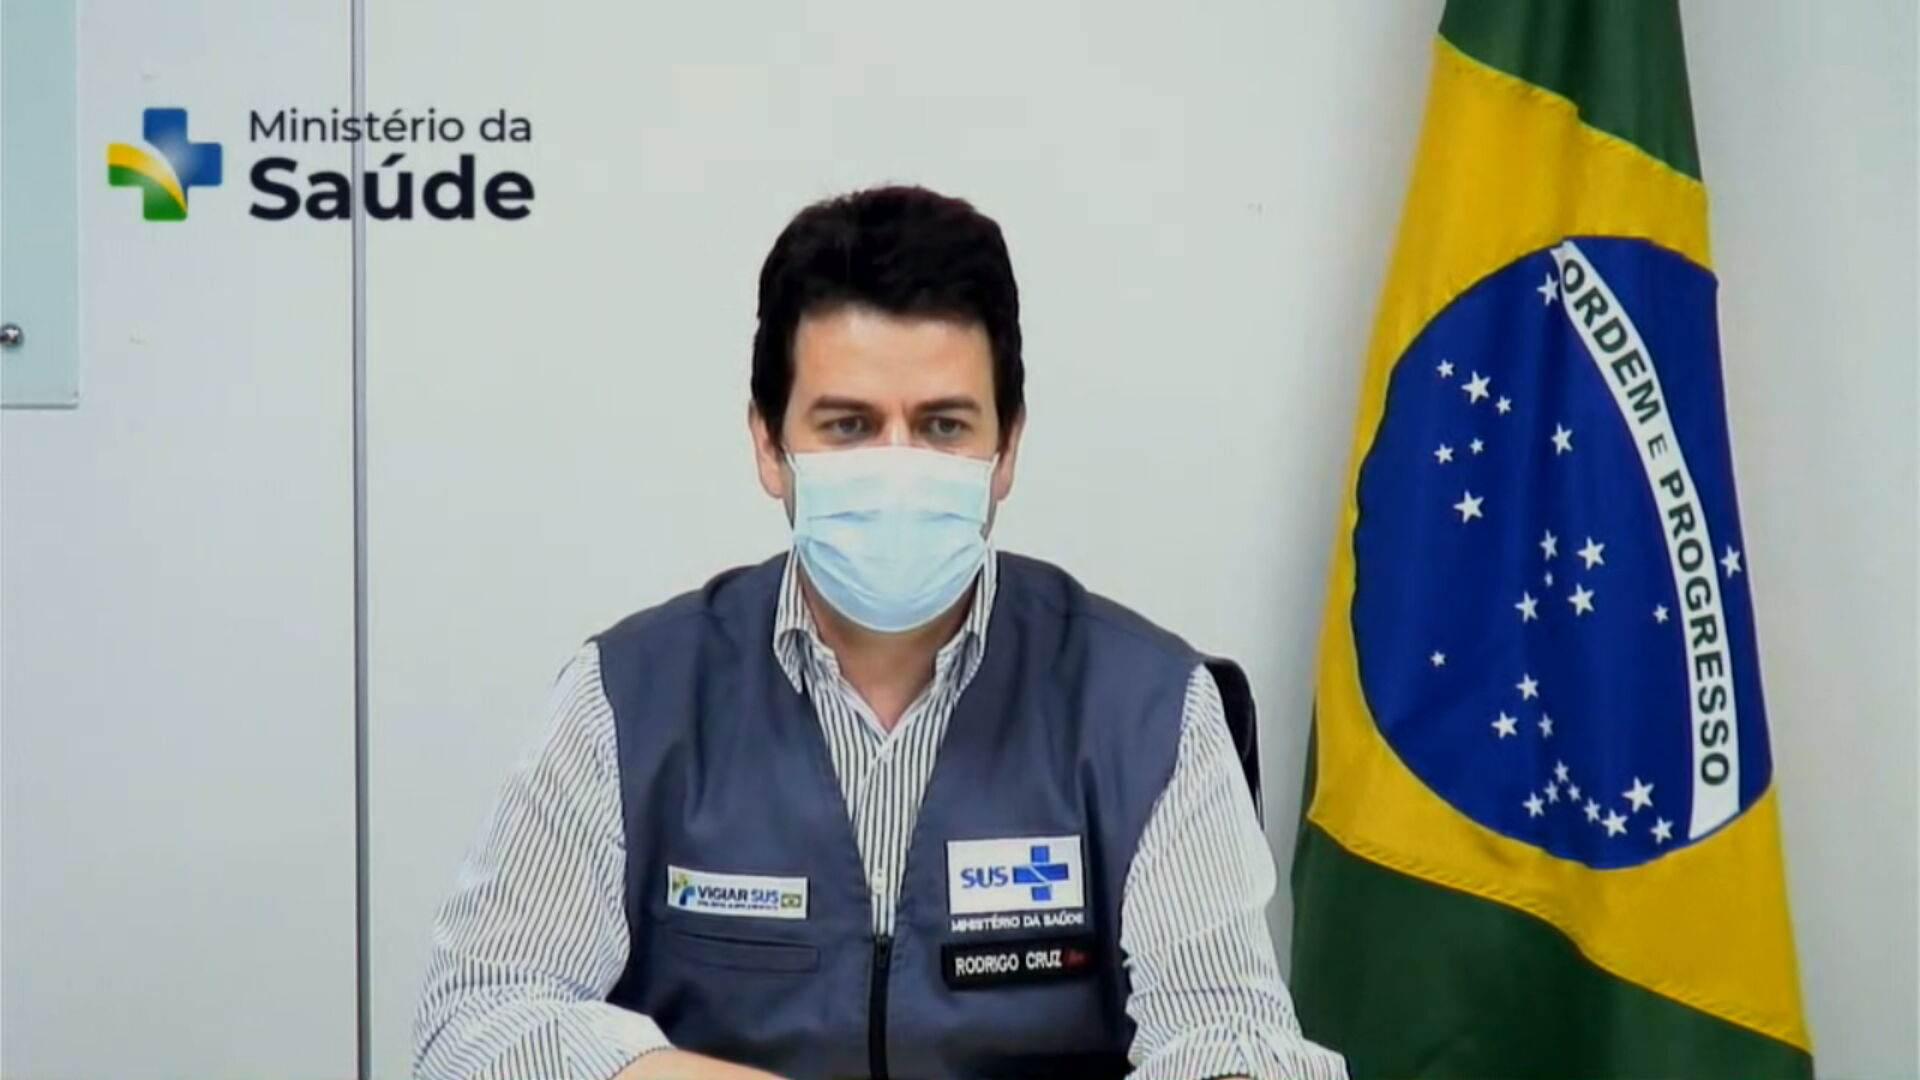 Rodrigo Otávio Moreira da Cruz, Secretário Executivo do Ministério da Saúde